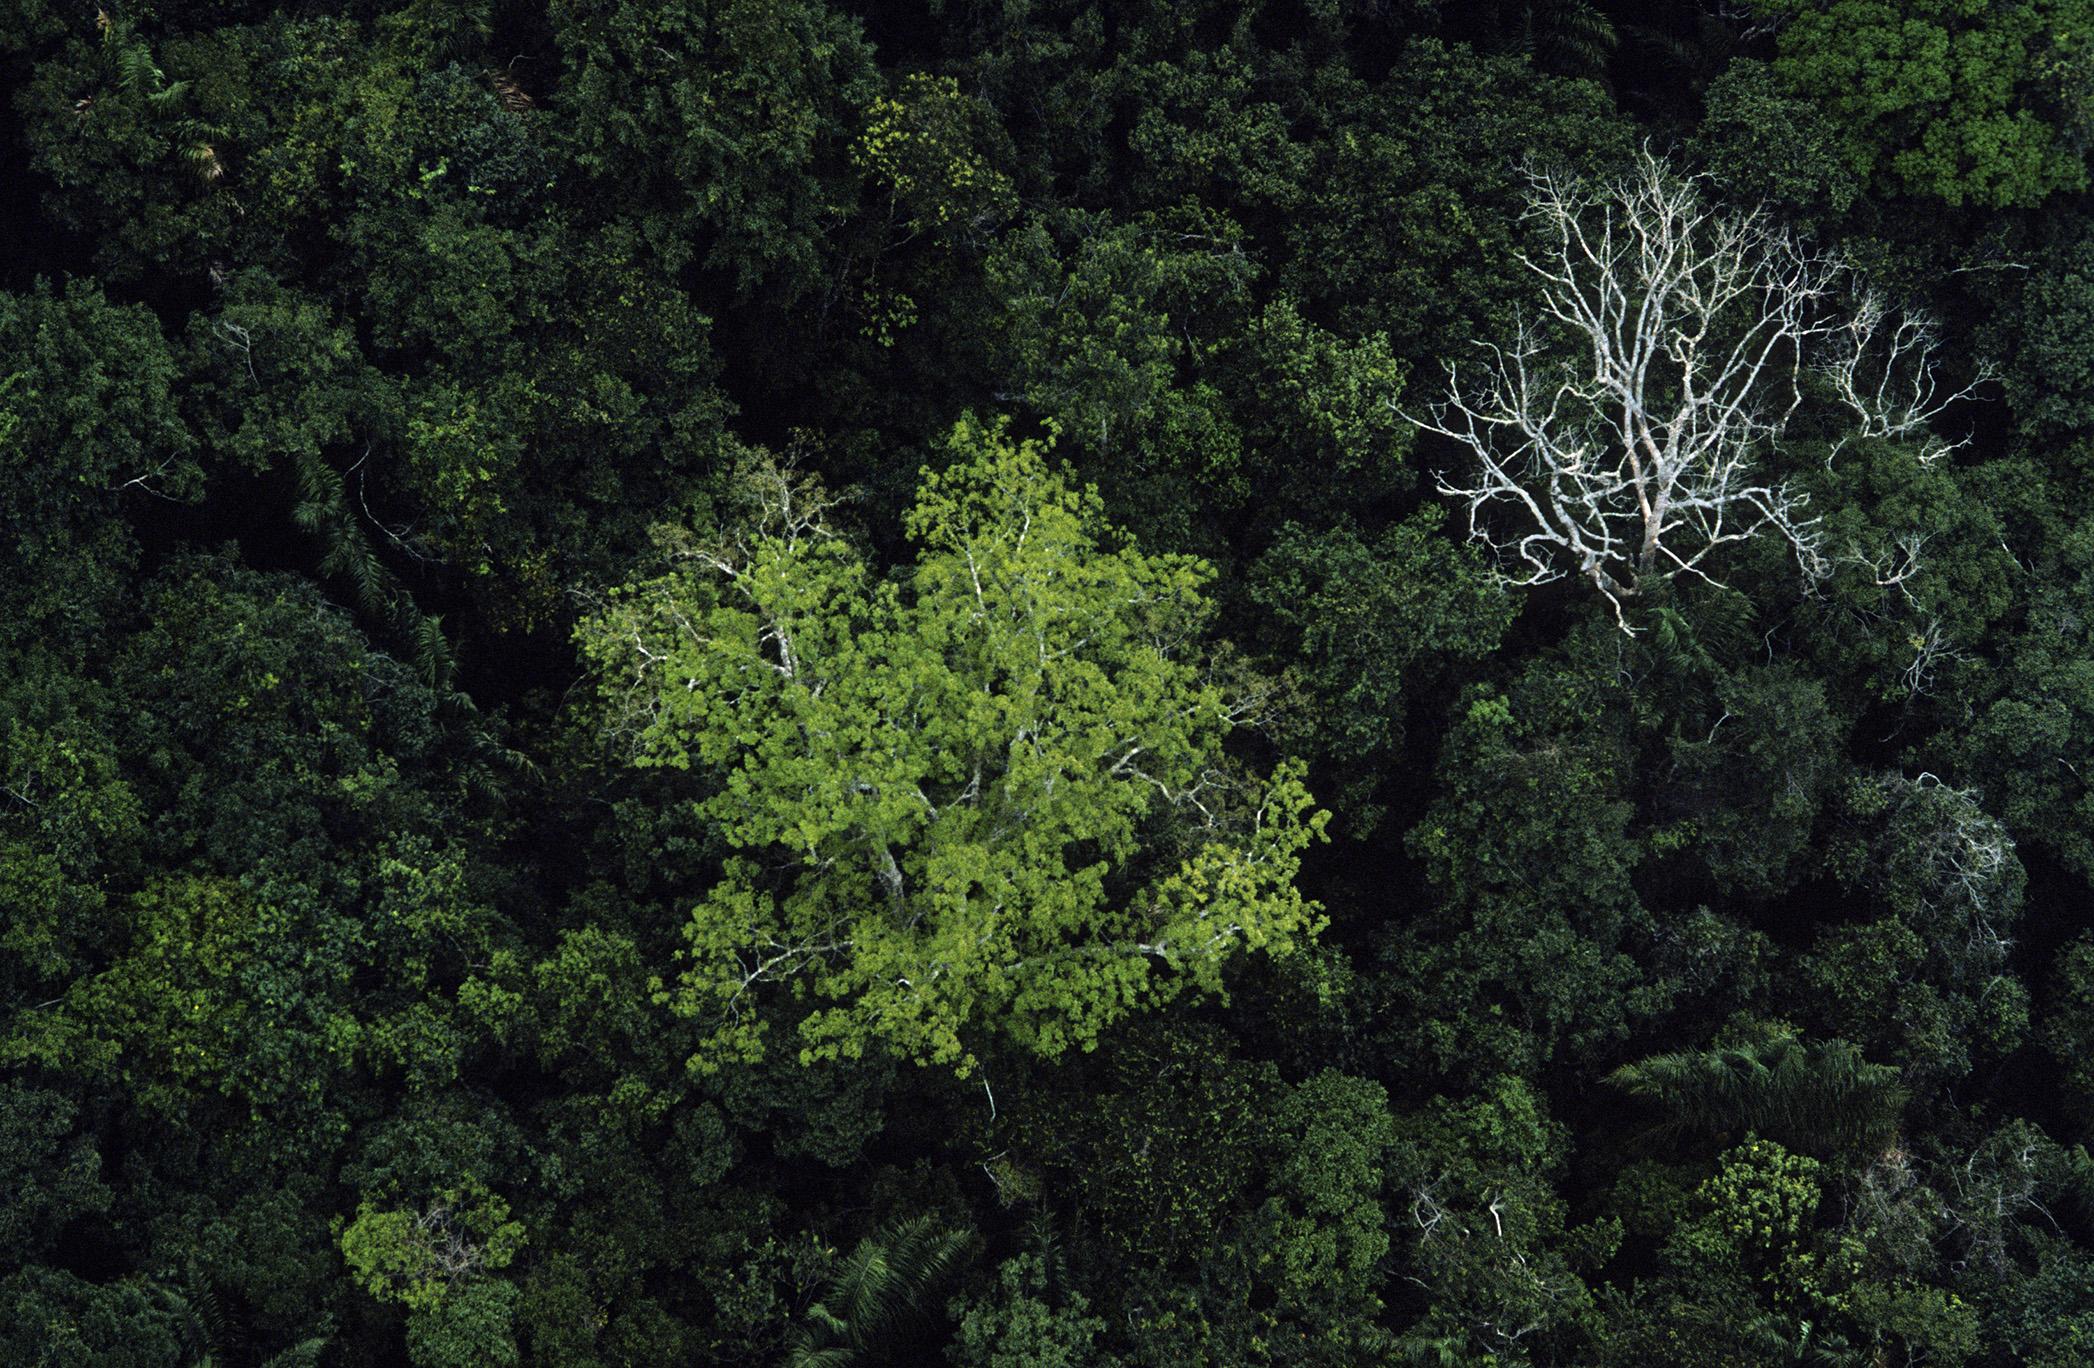 Sustentabilidade da agricultura na Amazônia – 7: Biodiversidade como Alternativa para áreas florestais